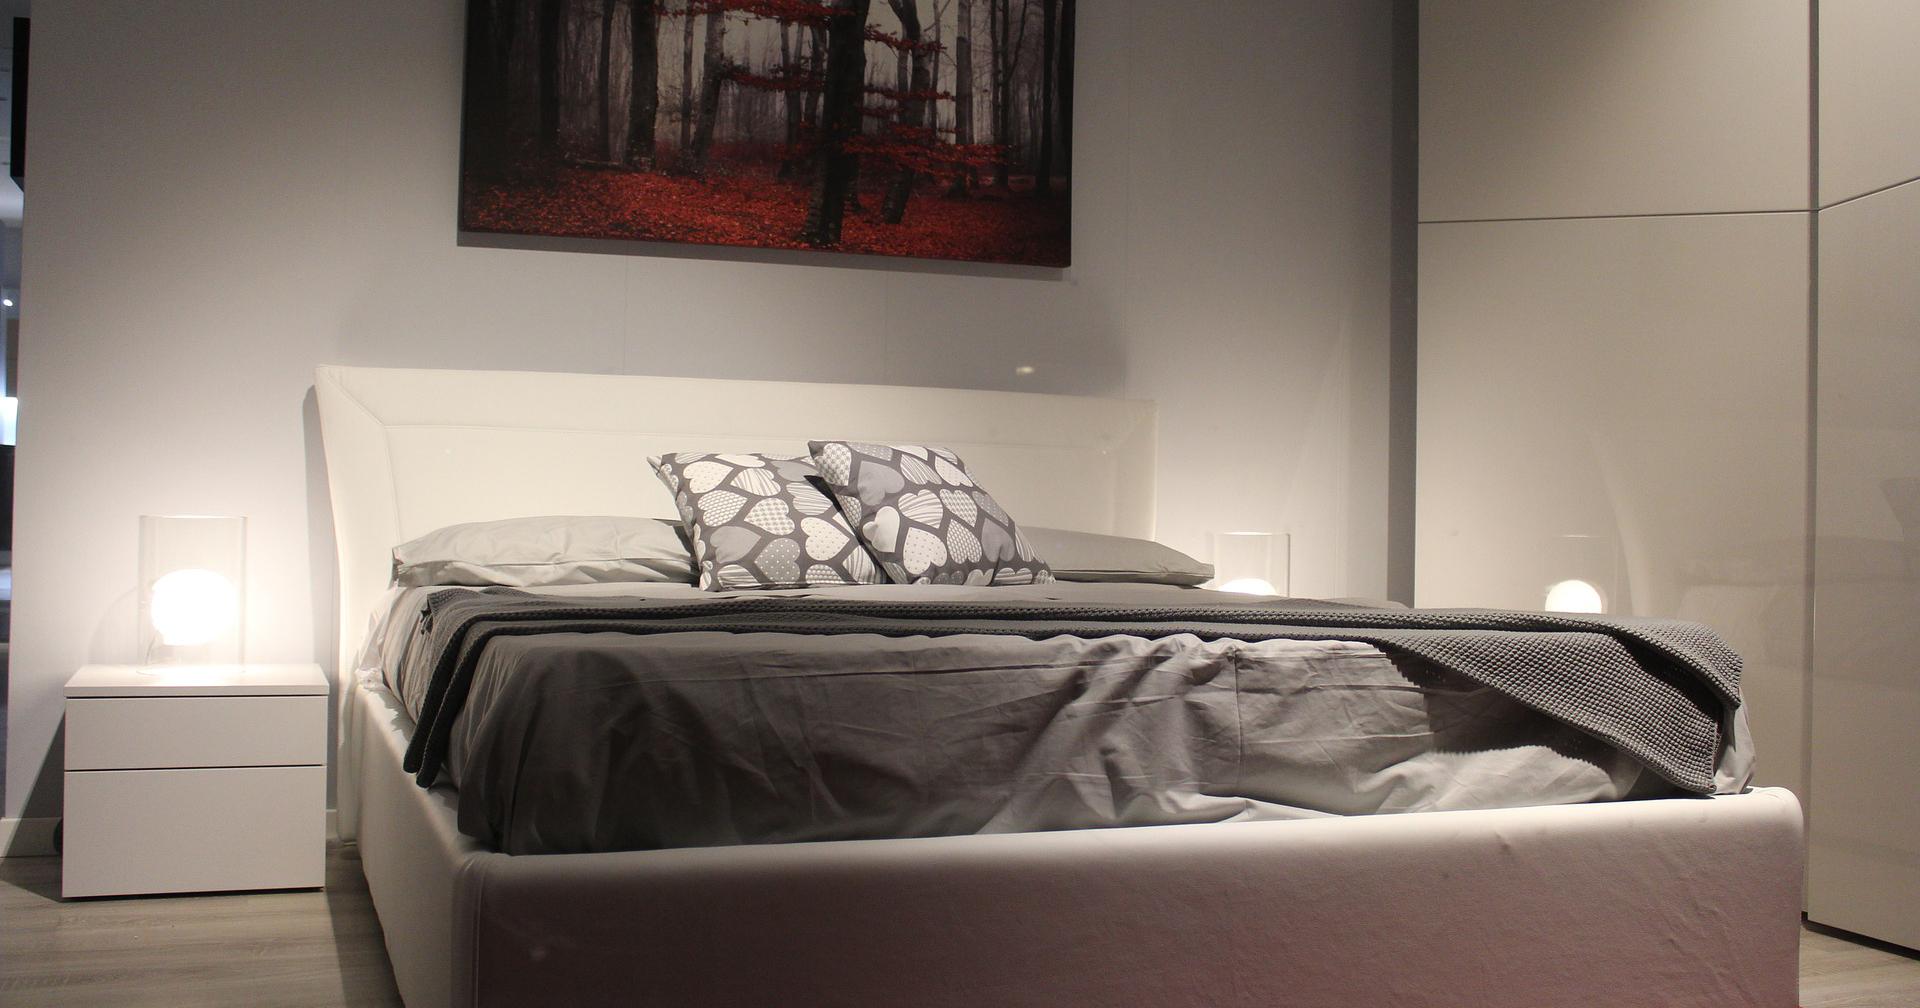 taille de matelas comment s 39 y rep rer pour ados et adultes. Black Bedroom Furniture Sets. Home Design Ideas